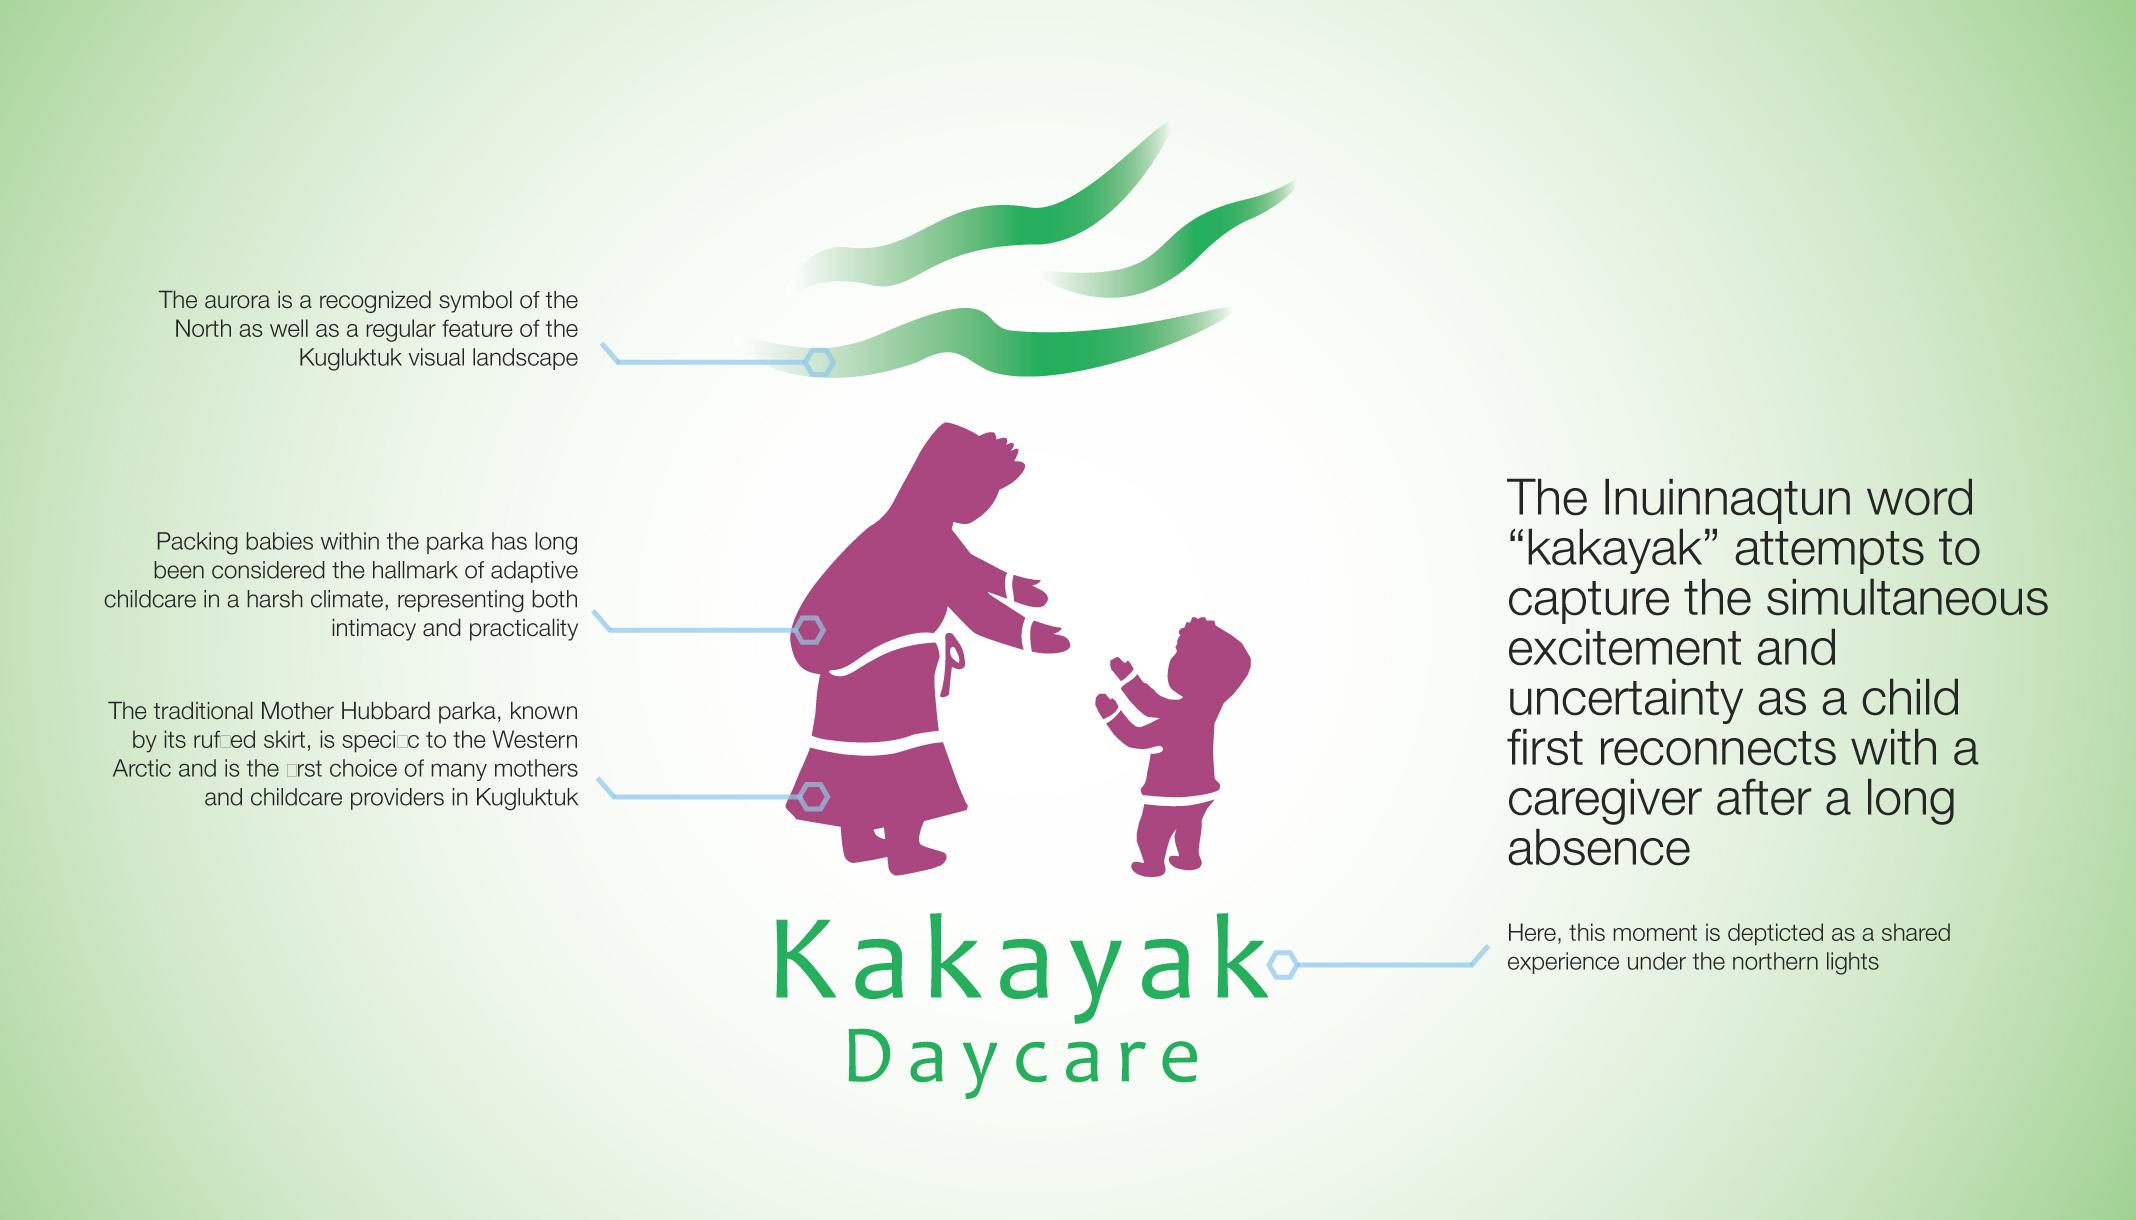 Kakayak-Daycare-logo-detail.jpg